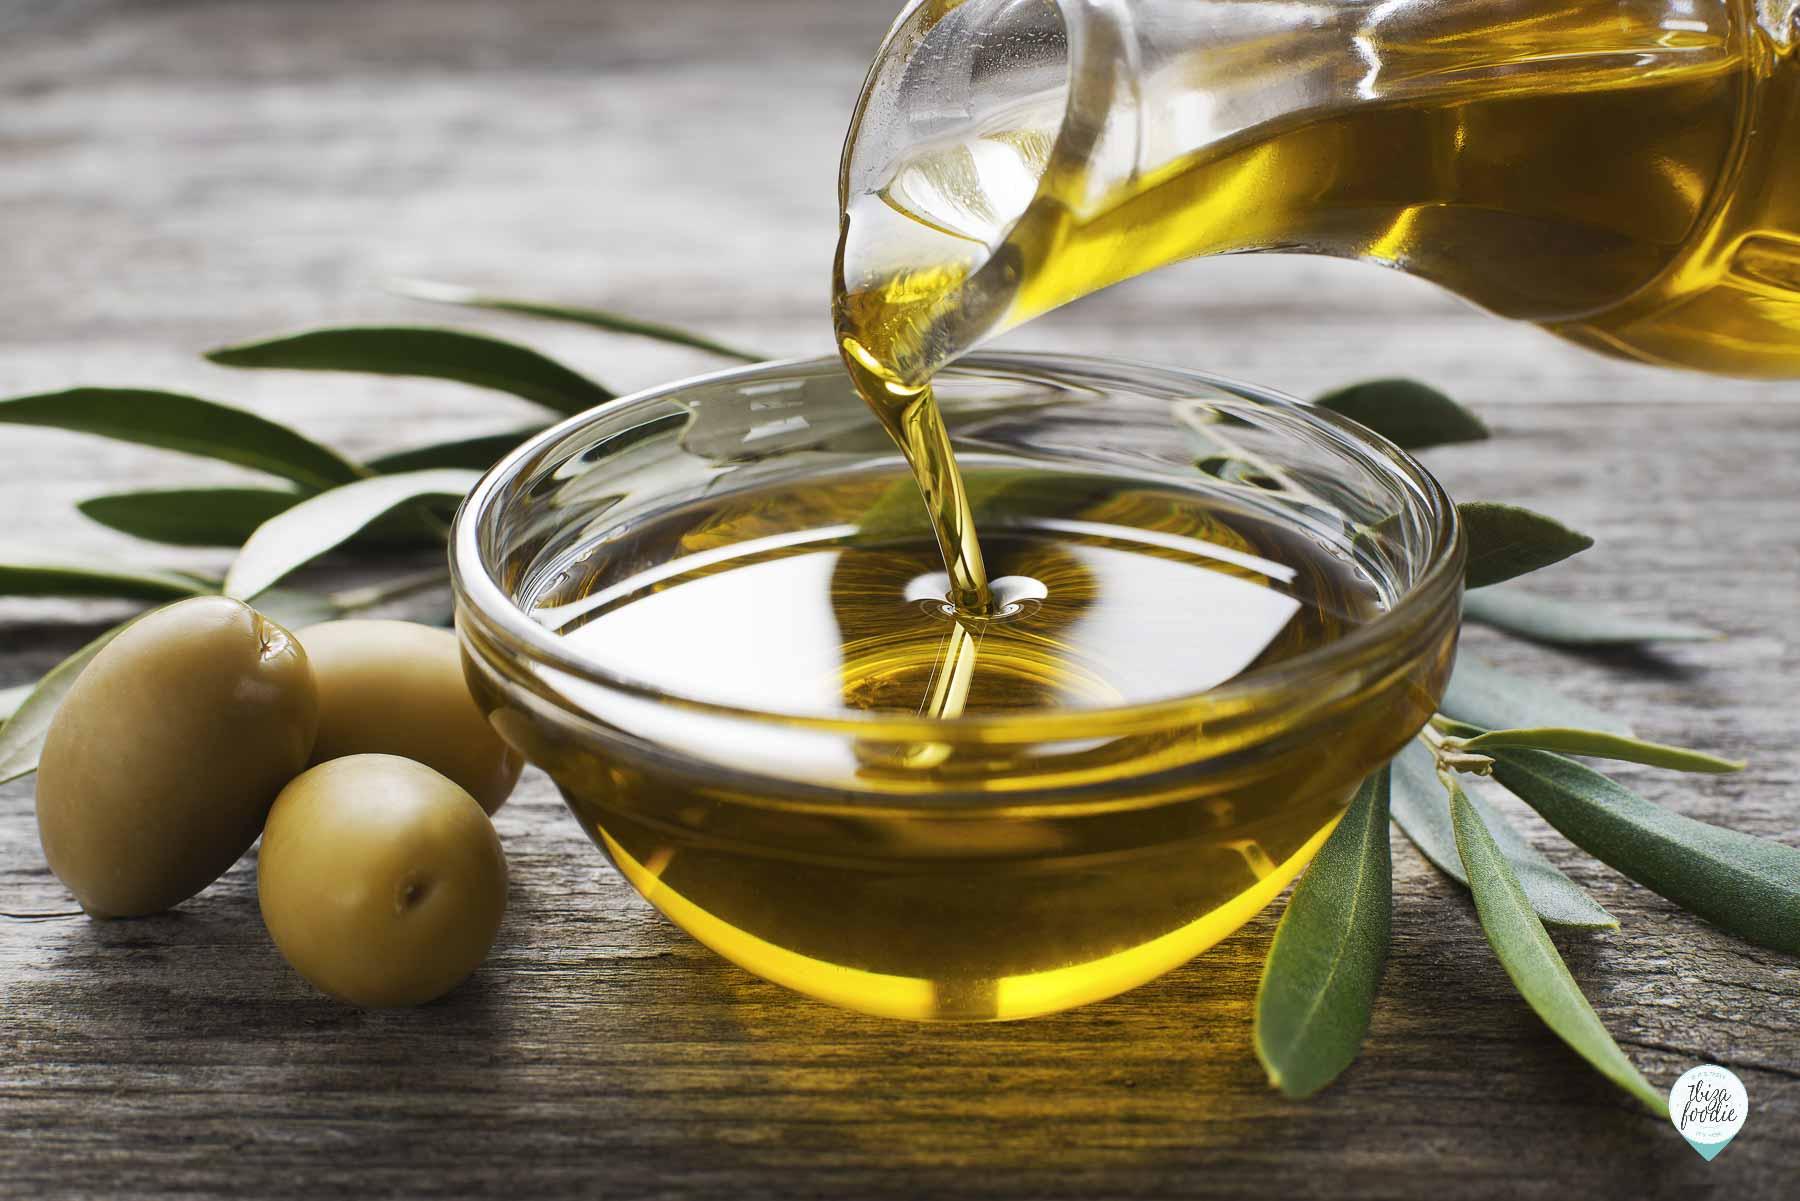 Cara menghitamkan, melebatkan alis dan bulu mata dengan minyak zaitun 6